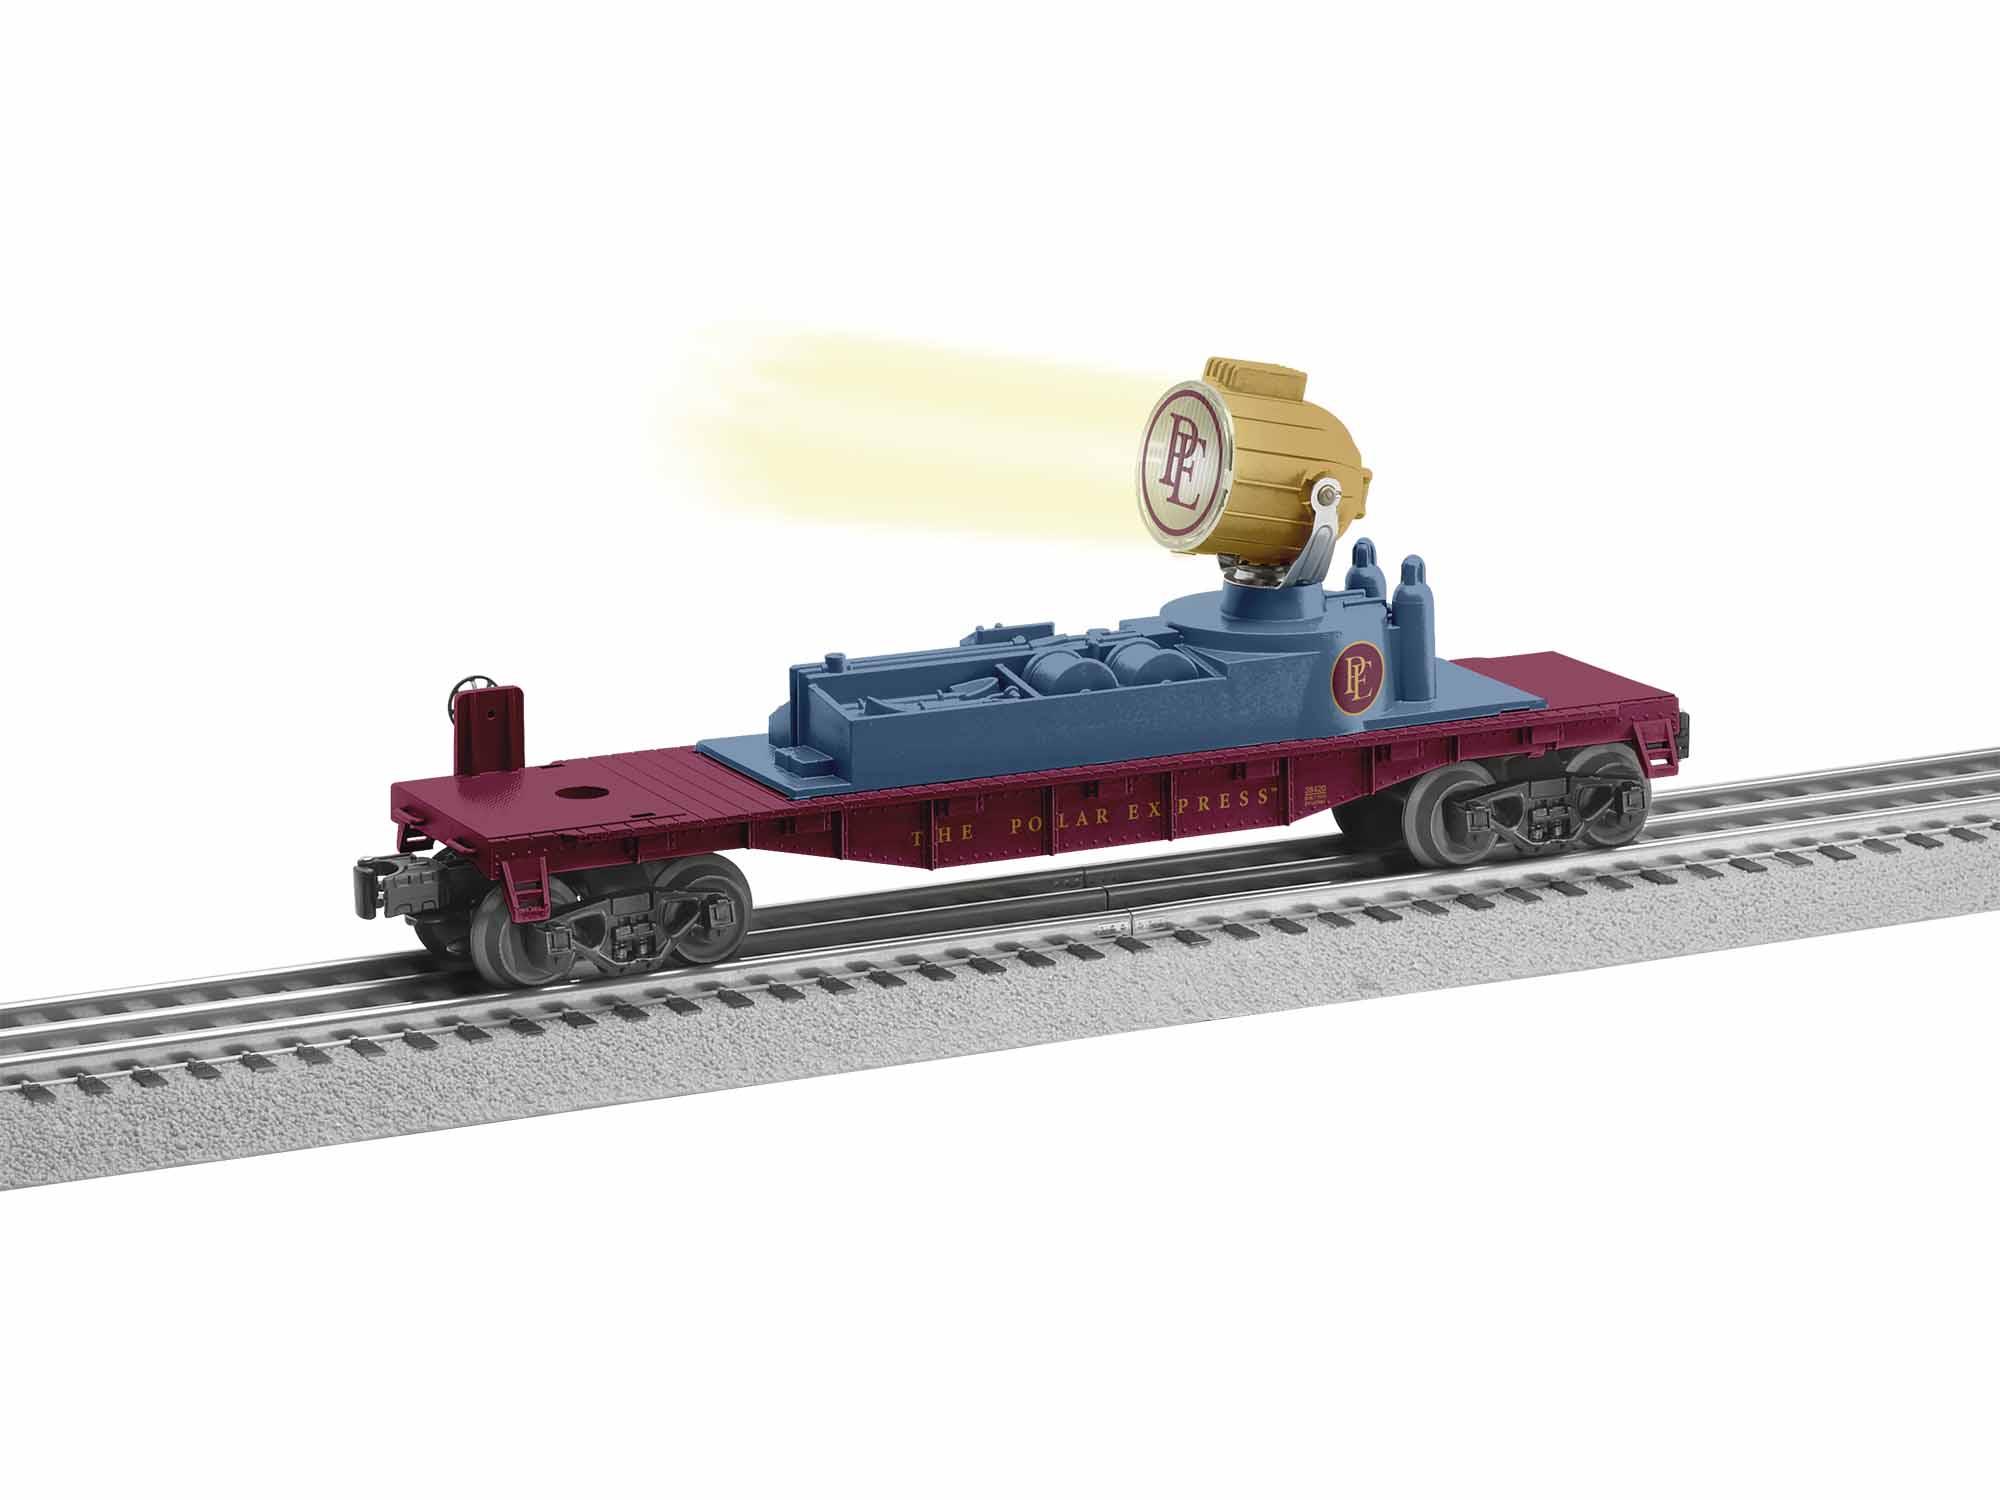 Lionel 1928420 O Searchlight Car 3-Rail Polar Express